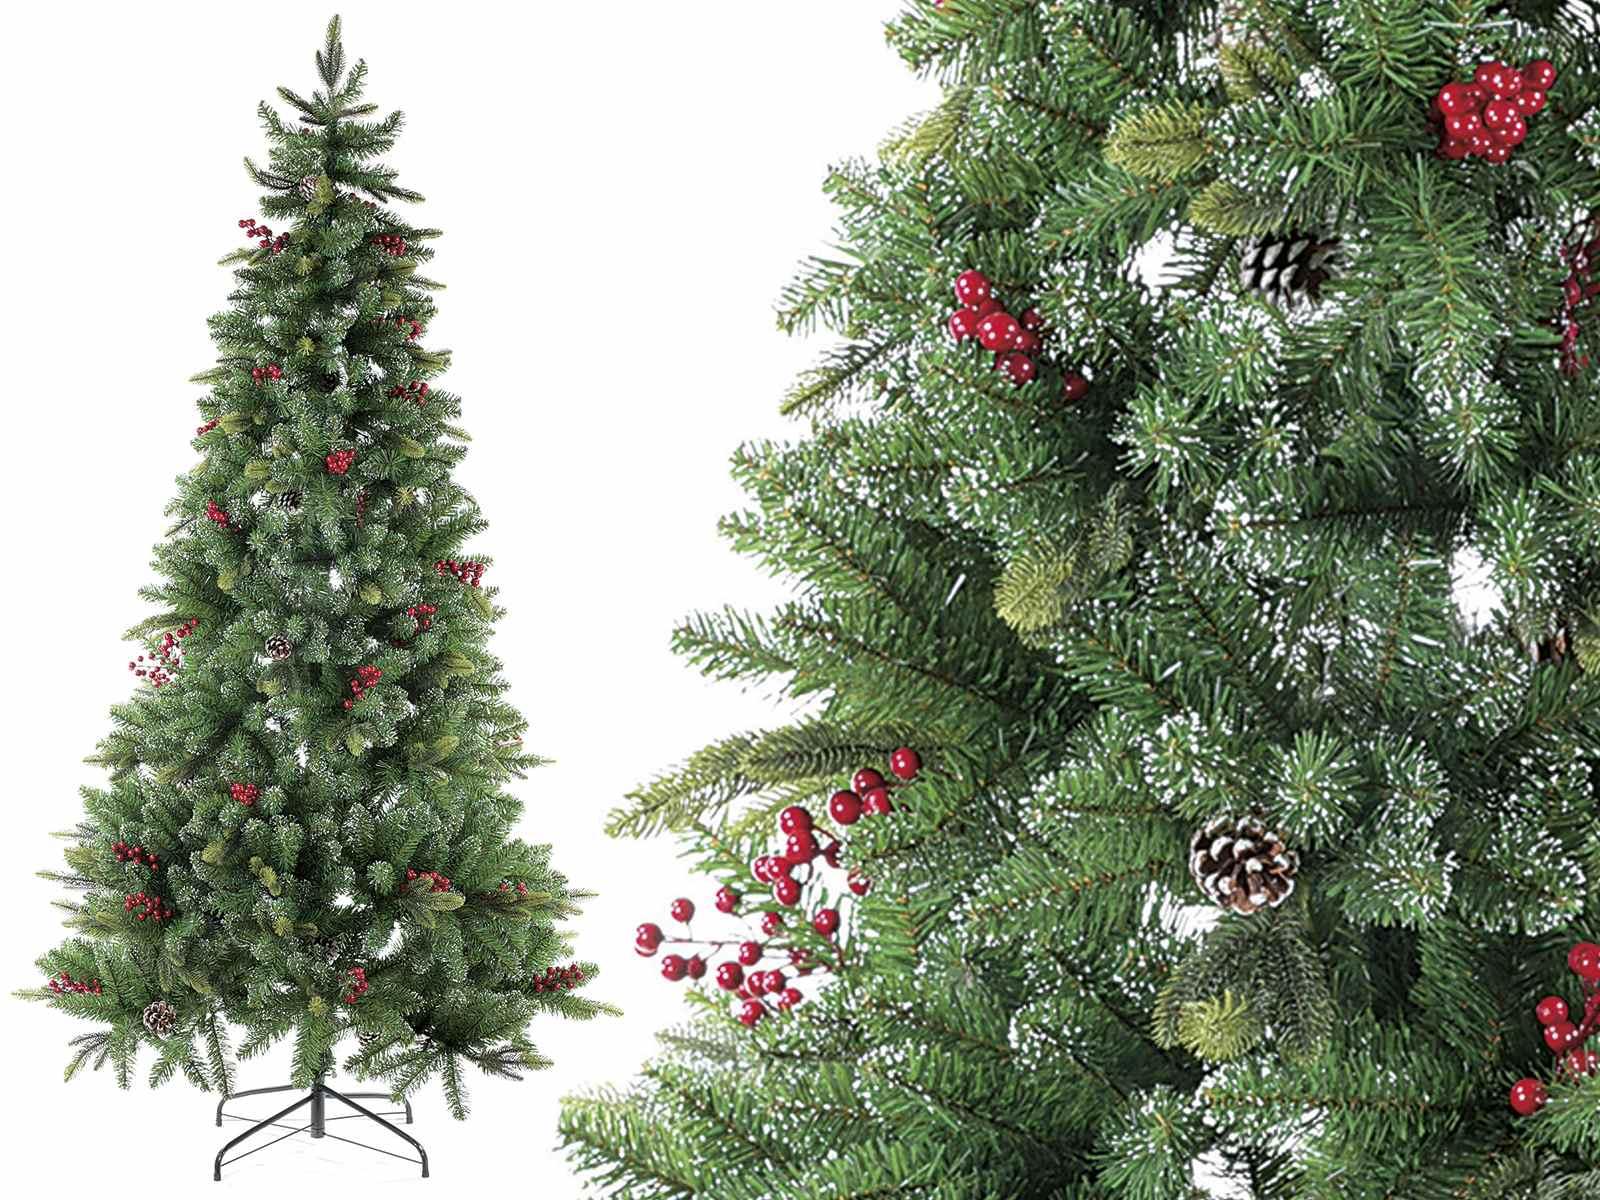 Albero Con Bacche Rosse pino artificiale americano c/963 rami, bacche rosse e pigne